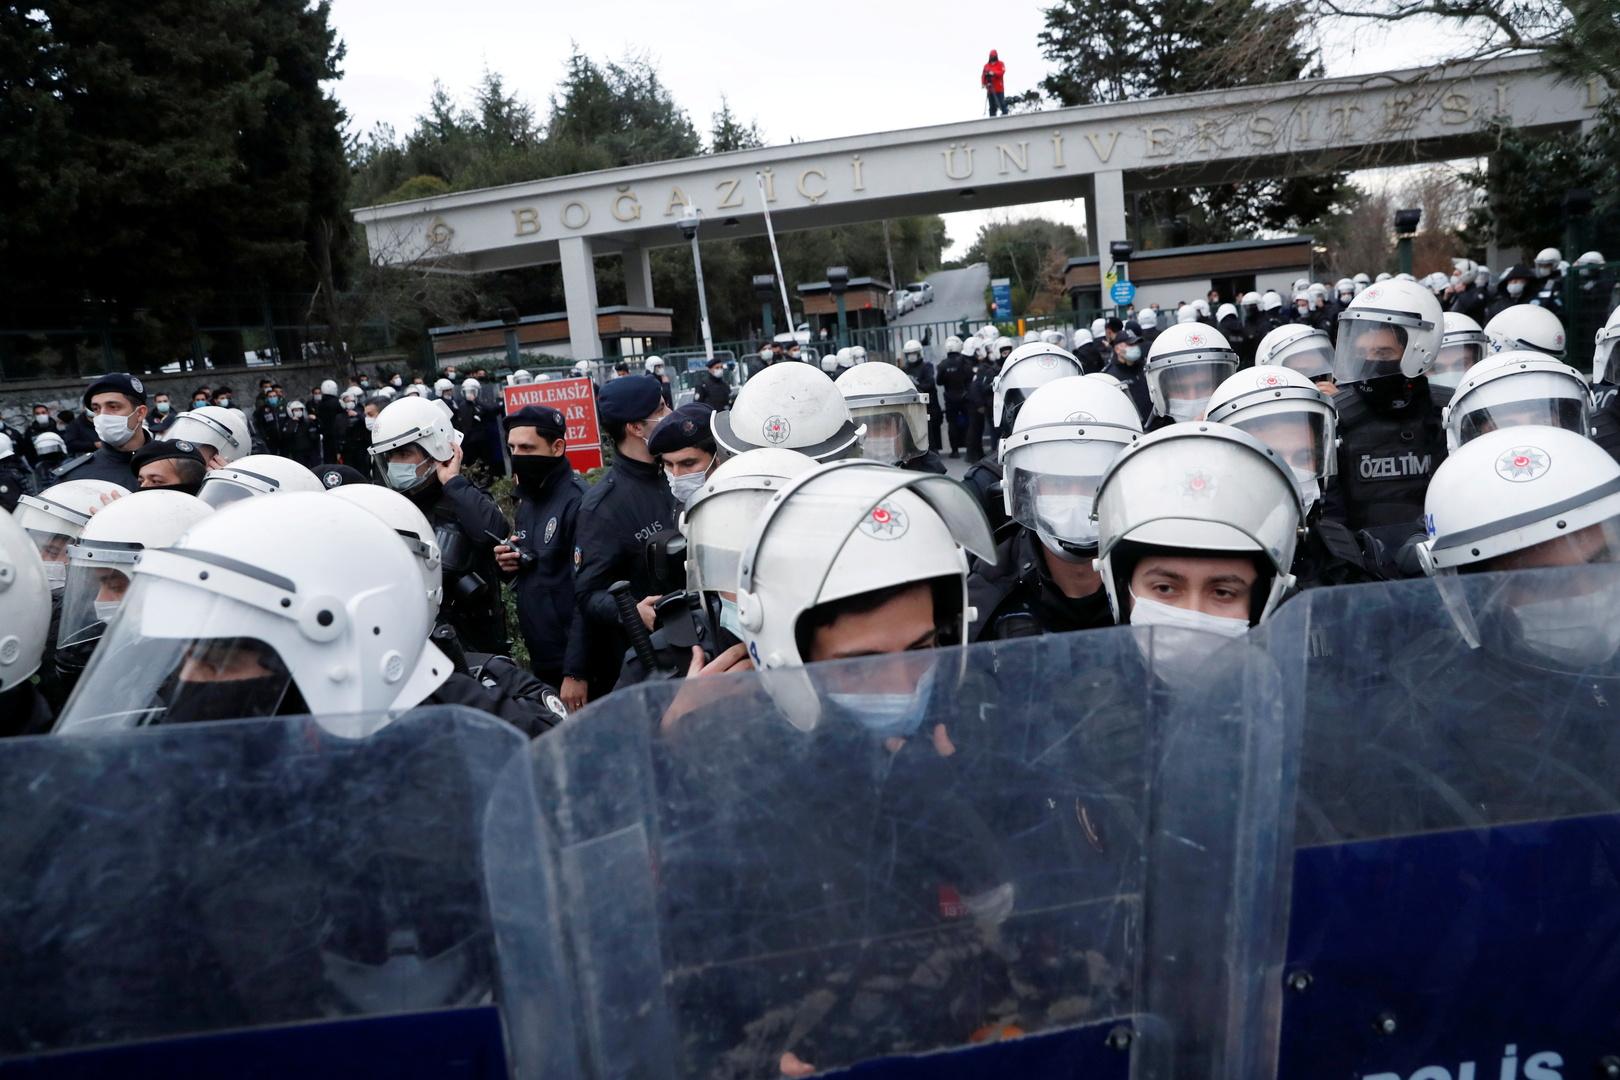 احتجاجات أمام جامعة جامعة بوغازيتشي، اسطنبول، 30 أبريل 2021